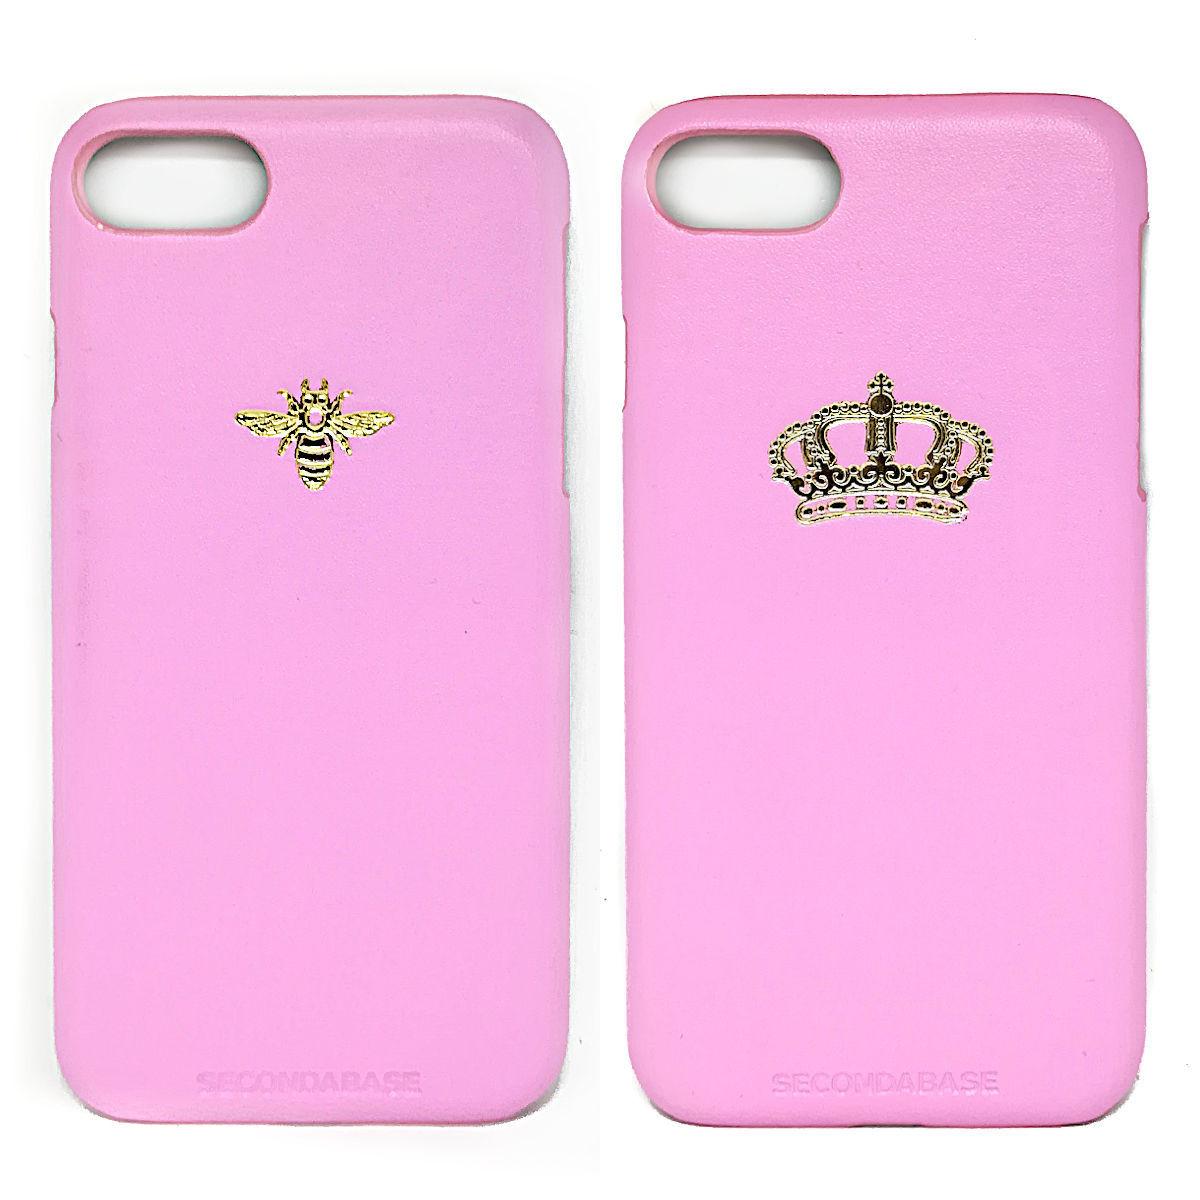 Cover in ecopelle rosa marchiata oro a caldo per iPhone 7/8/SE2020 e 7/8 Plus